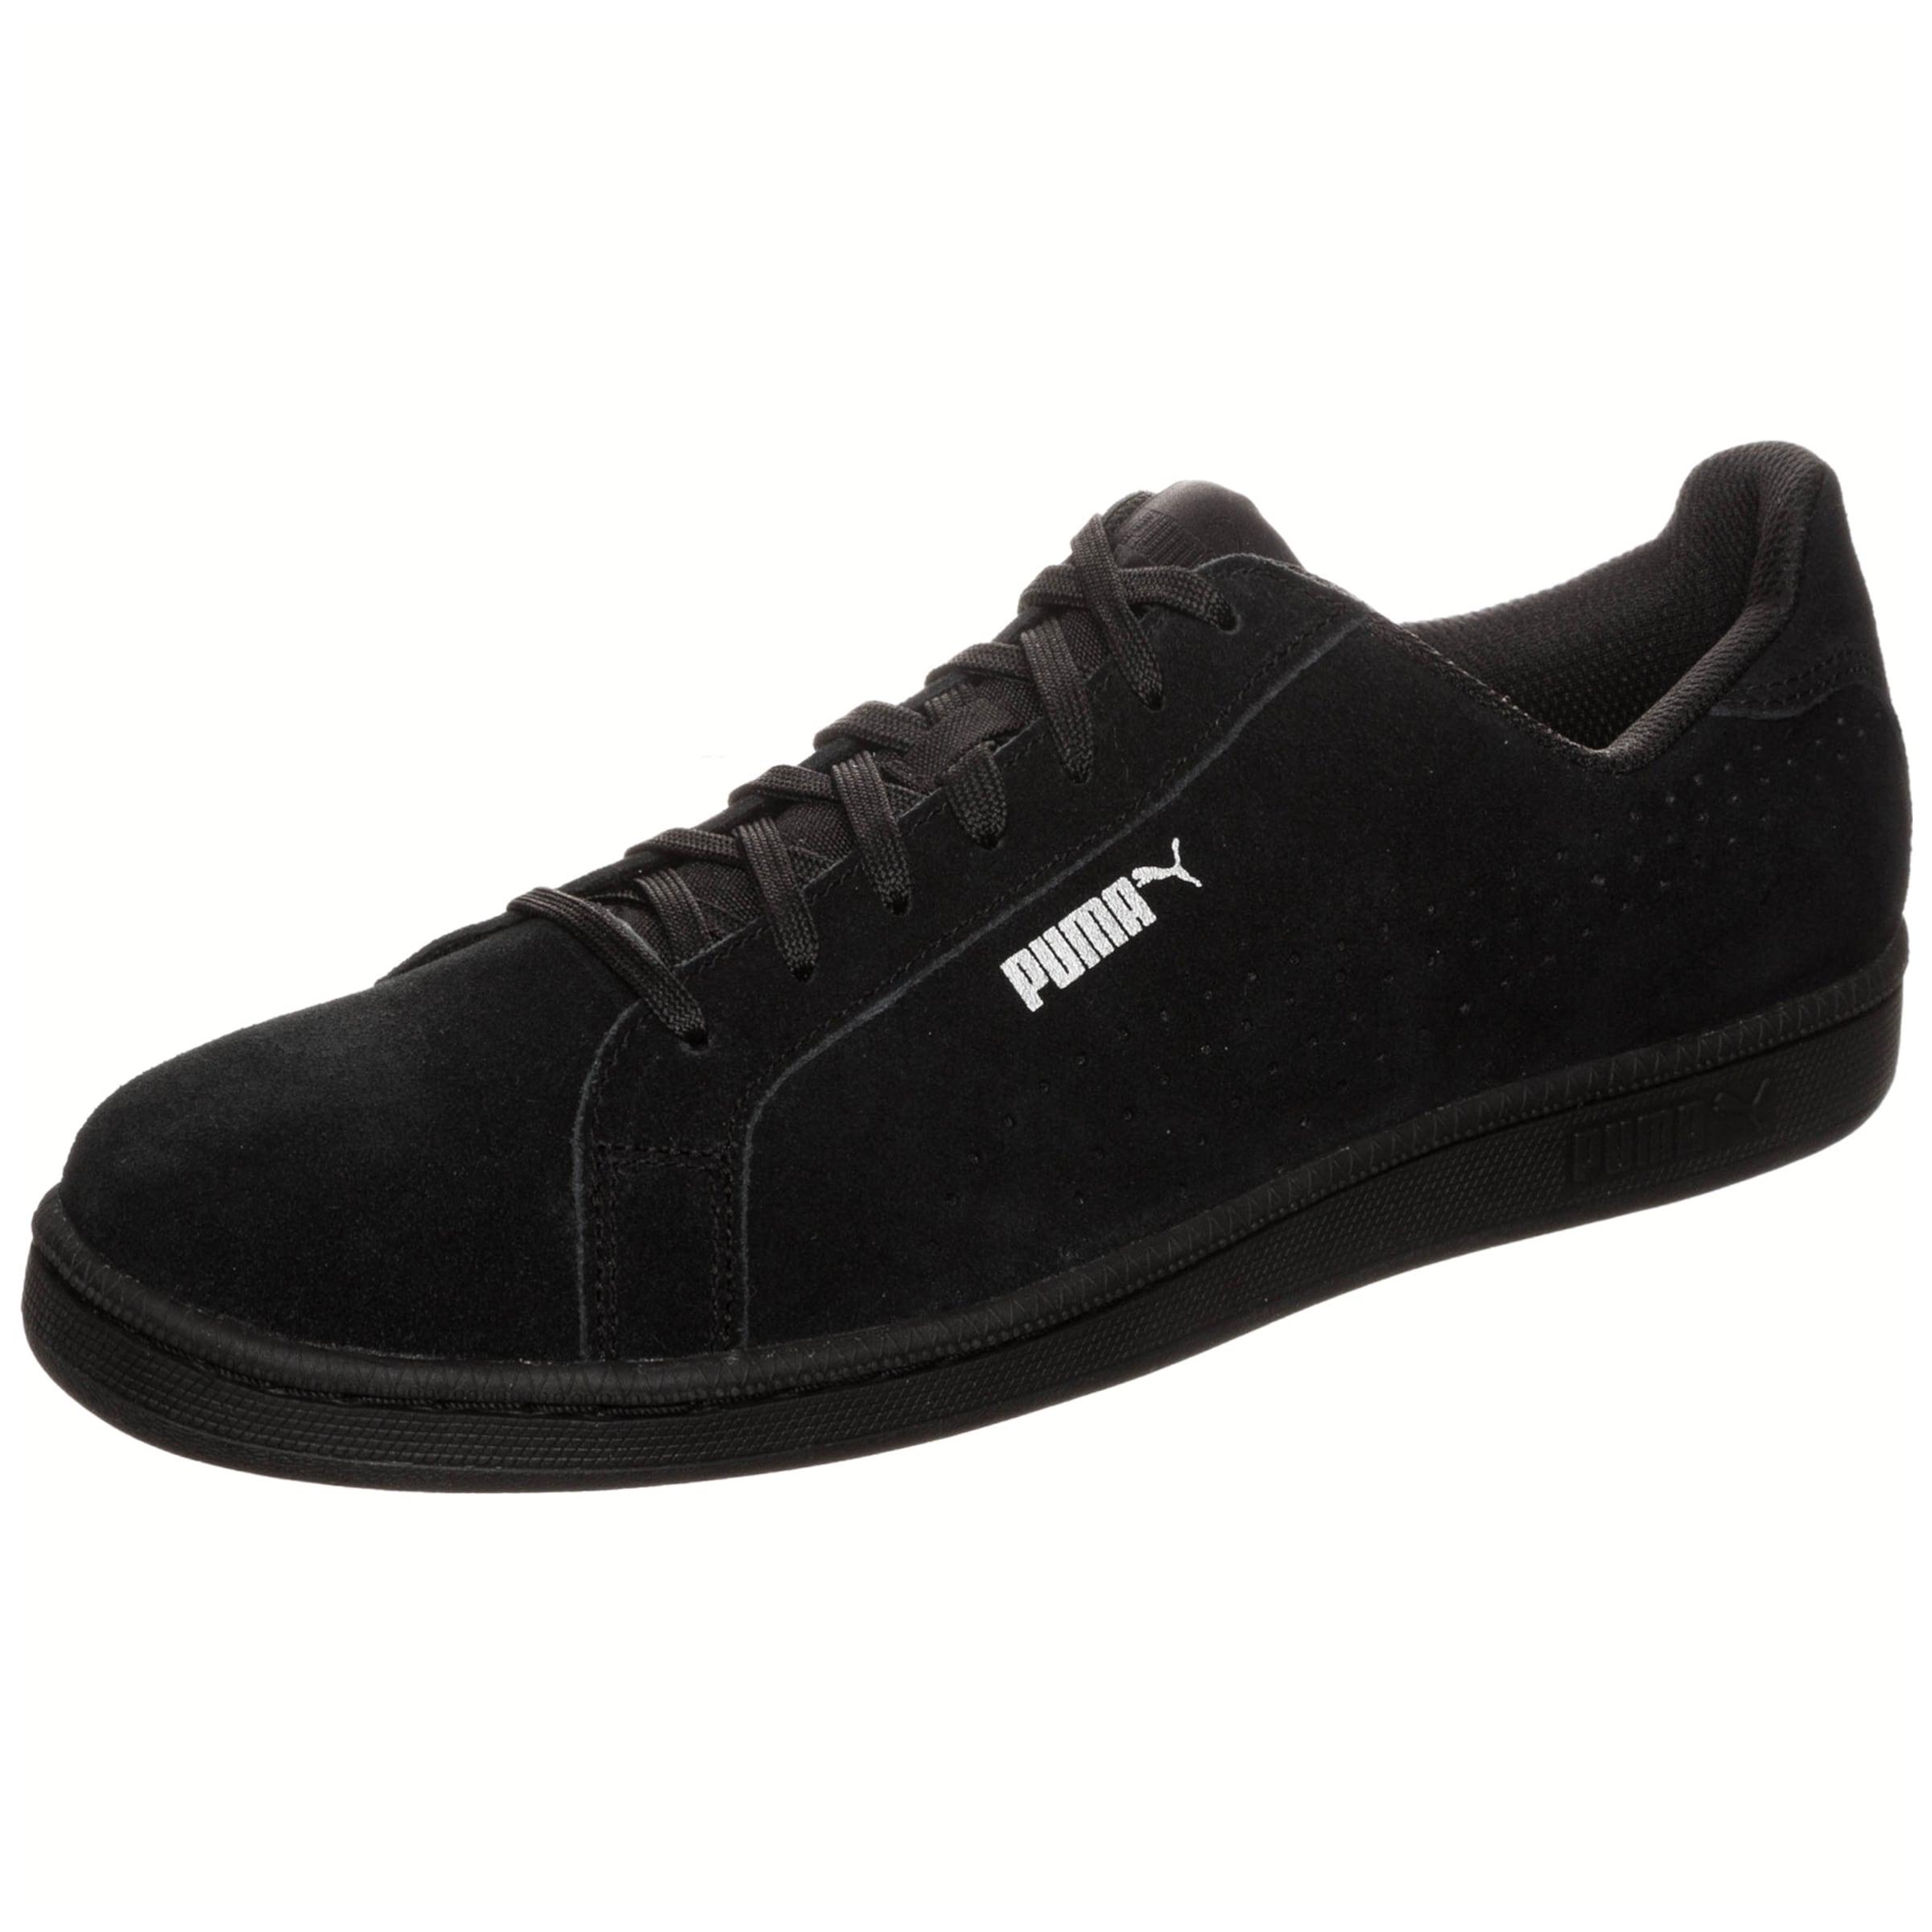 PUMA Smash Perforated Sneaker Günstige und langlebige Schuhe